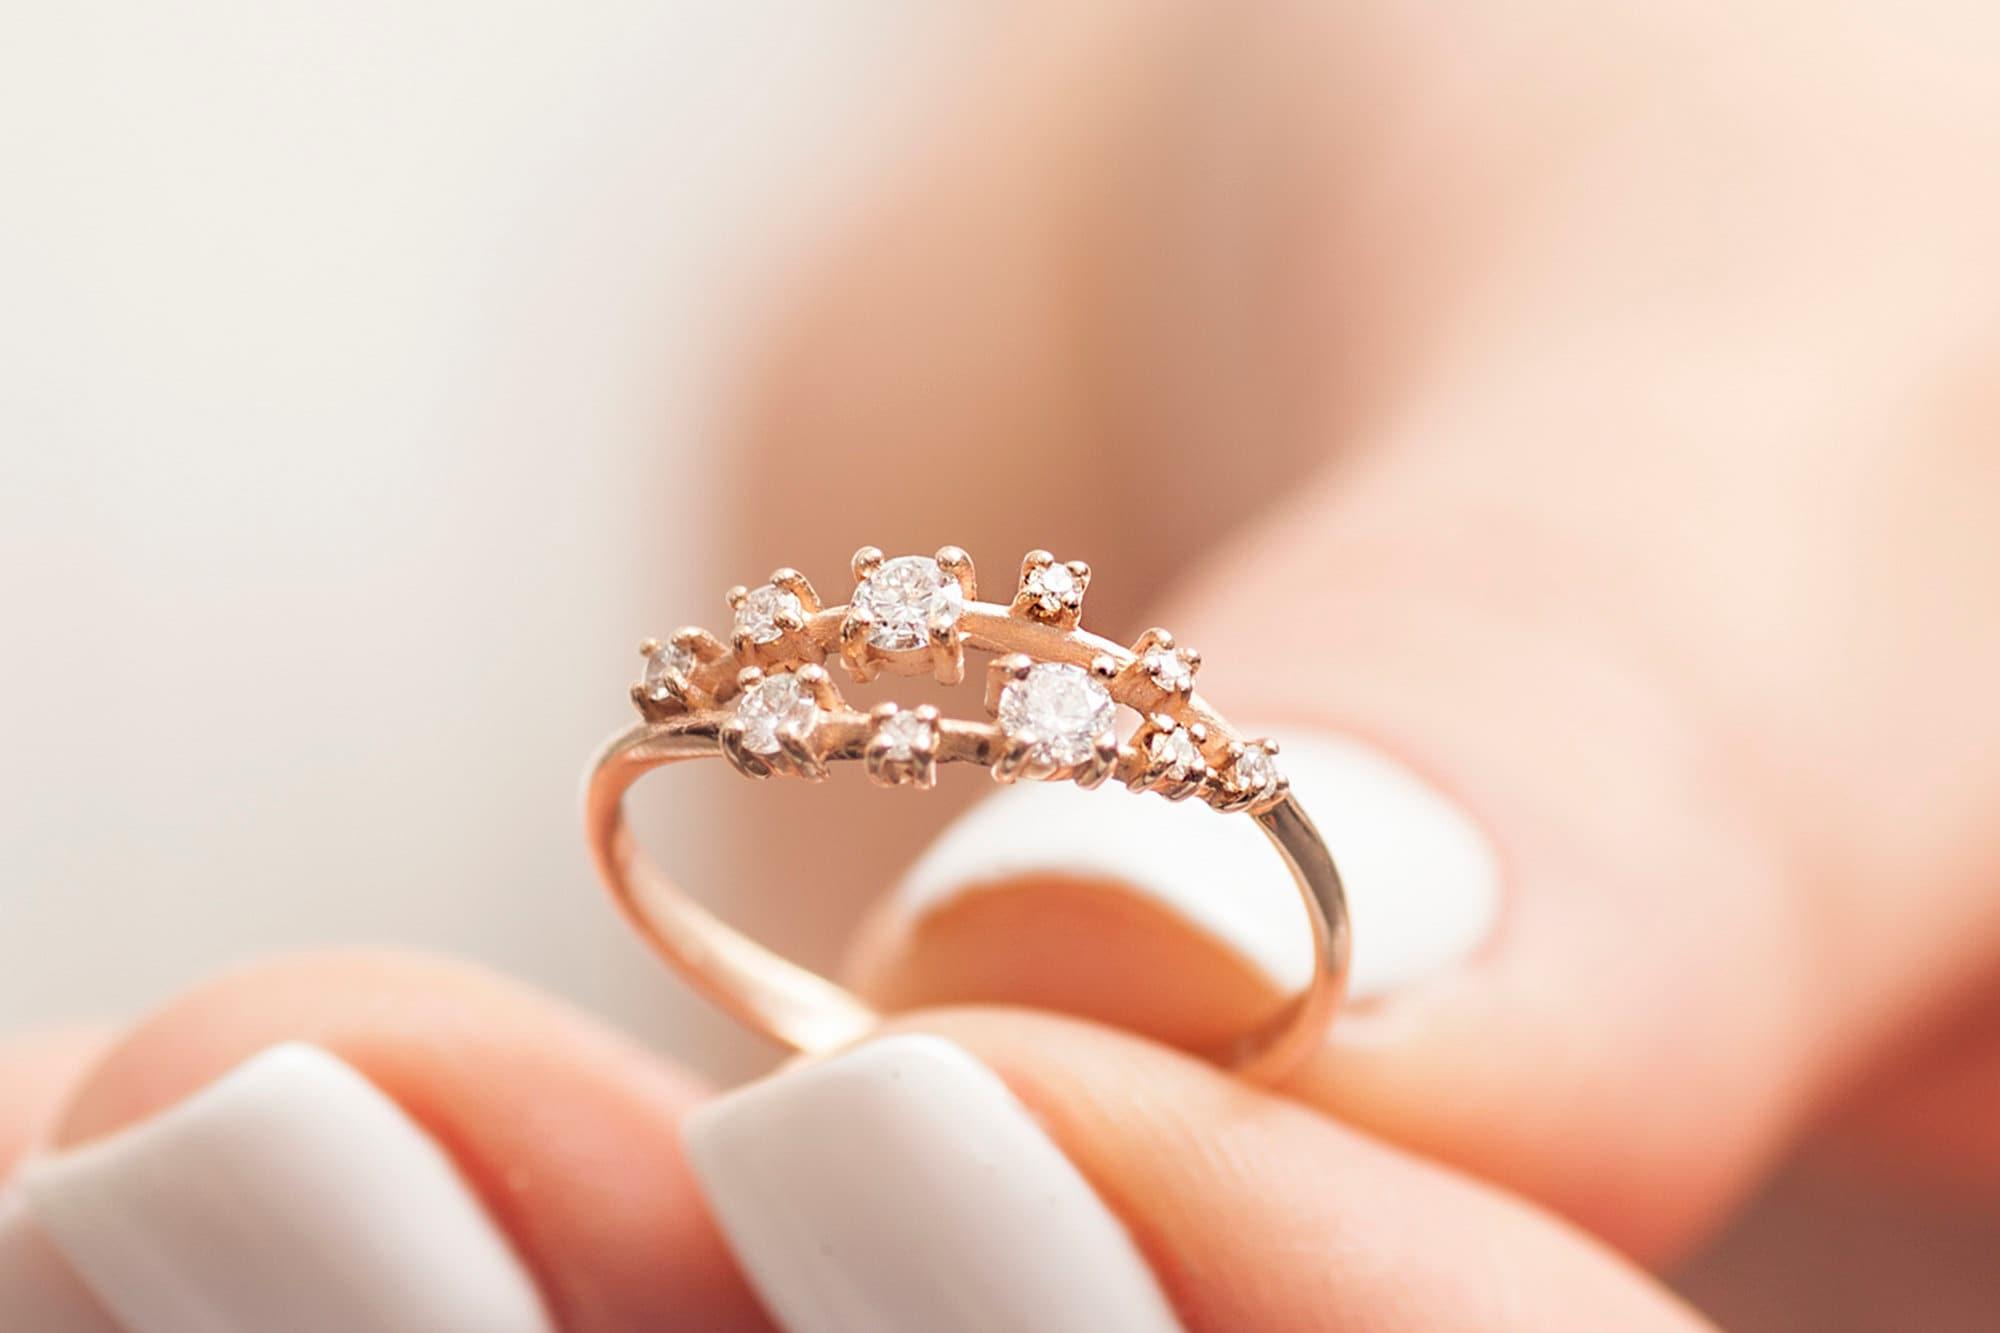 Rose Gold Engagement Ring For Women, Diamond Engagement Ring, Two bands  Engagement Ring, Modern Engagement Rings, Engagement Band